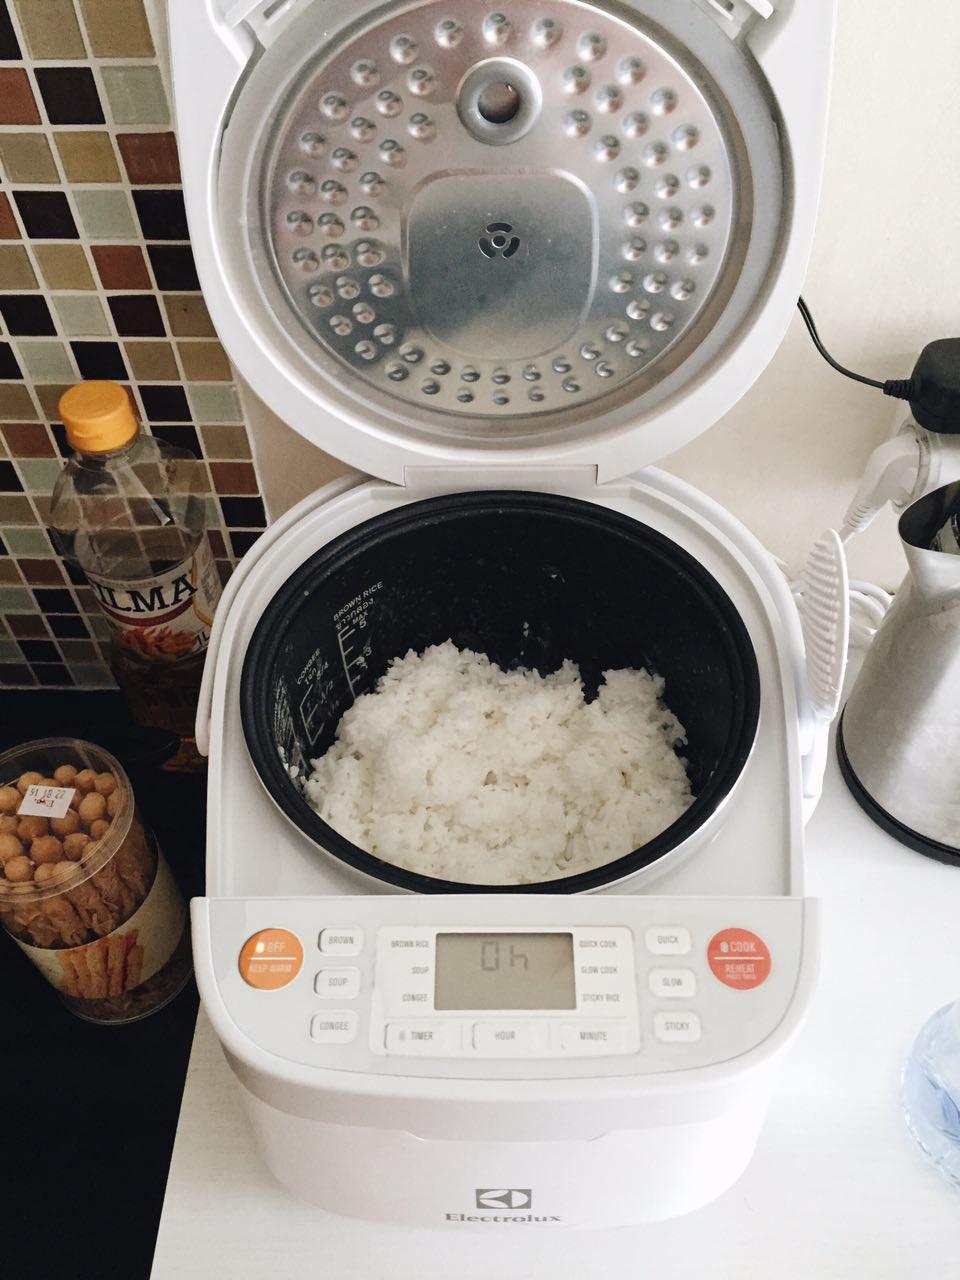 Những sai lầm tai hại khi nấu cơm nhiều người vô tình mắc phải mà không biết - Ảnh 4.